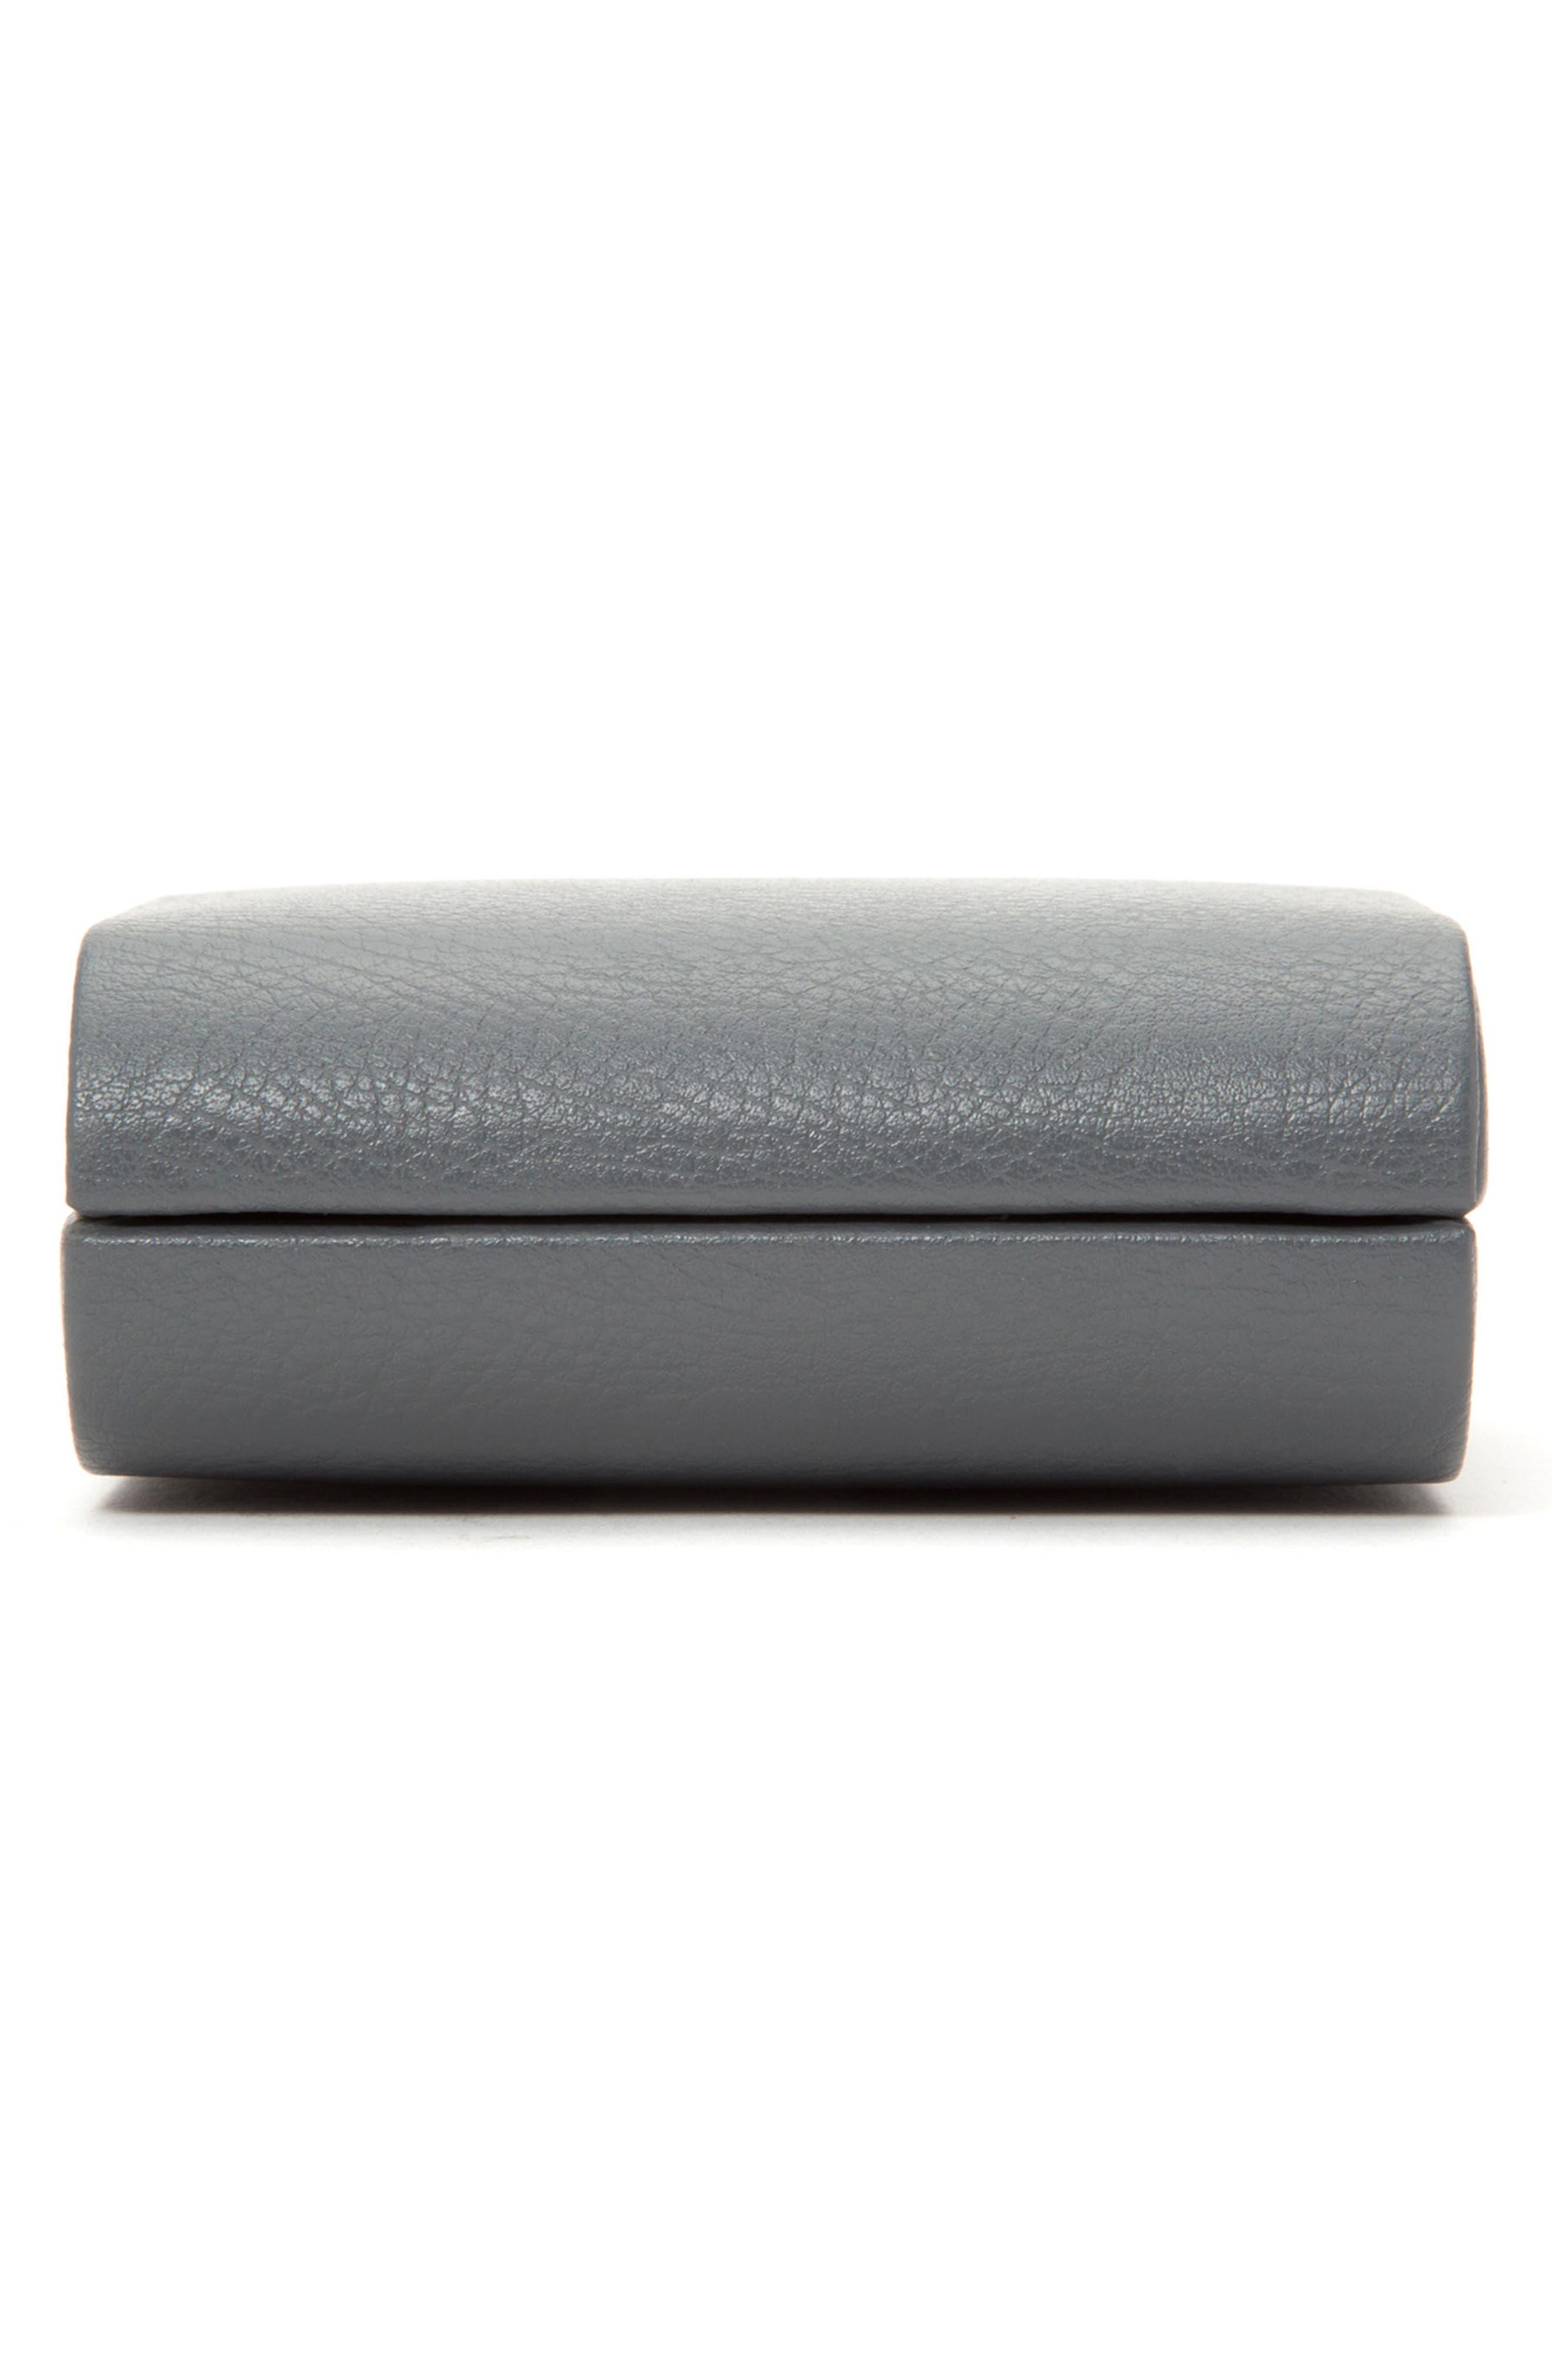 Howard Cuff Link Box,                         Main,                         color, Grey